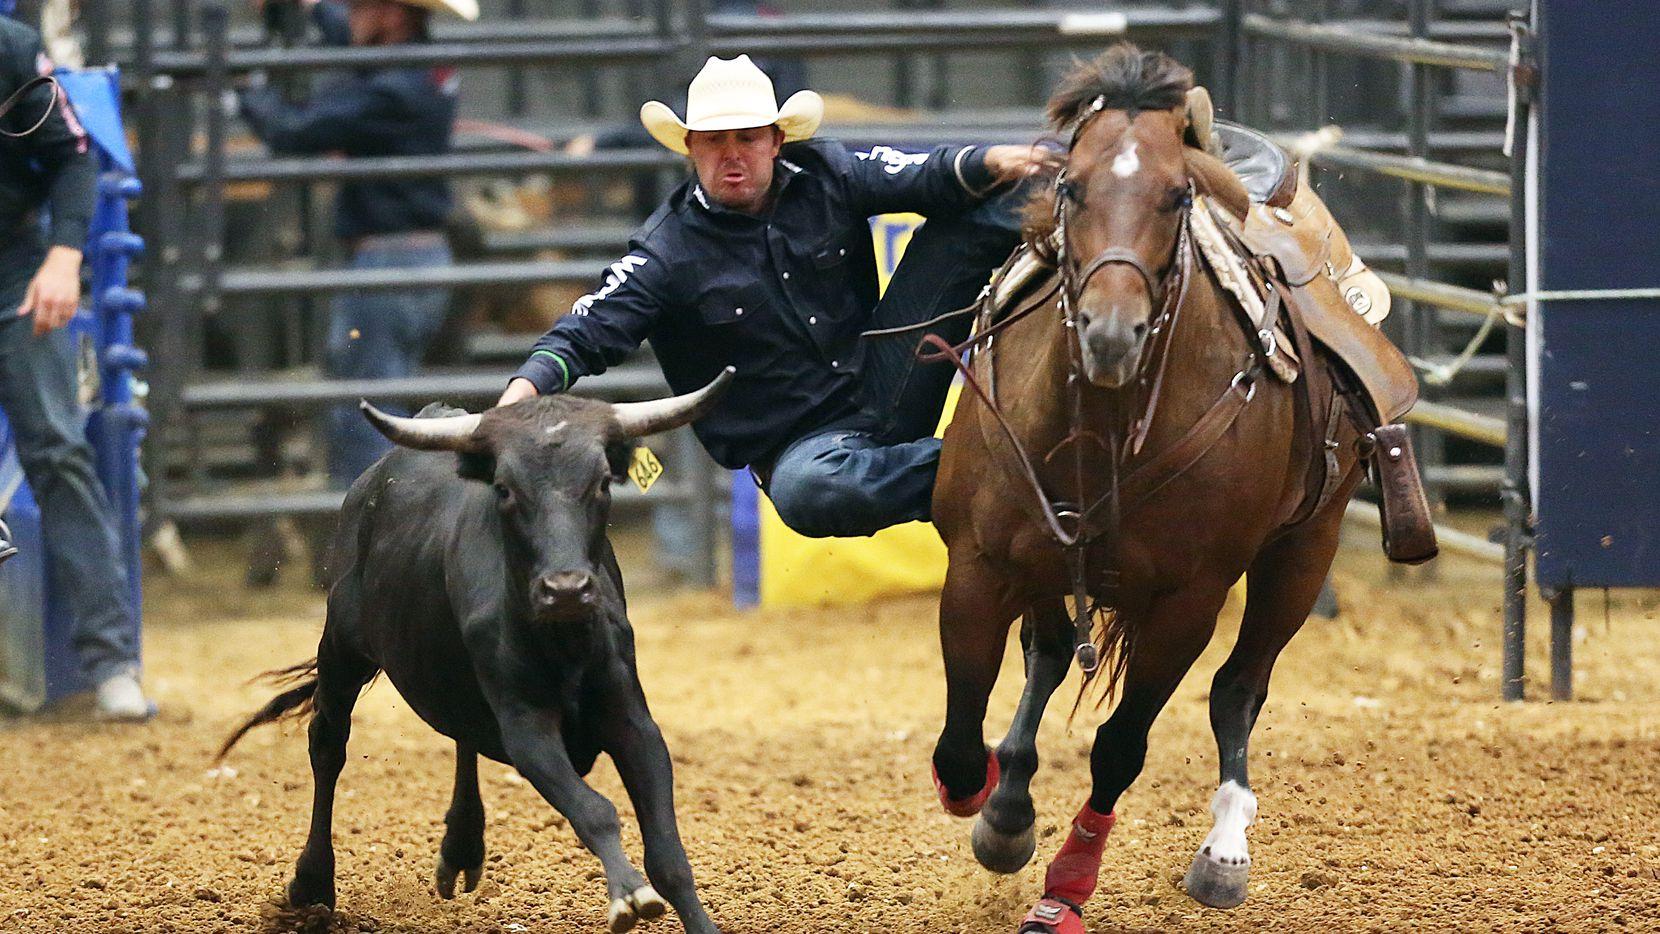 El Rodeo de Mesquite es uno de los atractivos destacados de la ciudad en el listado de HomeCity.